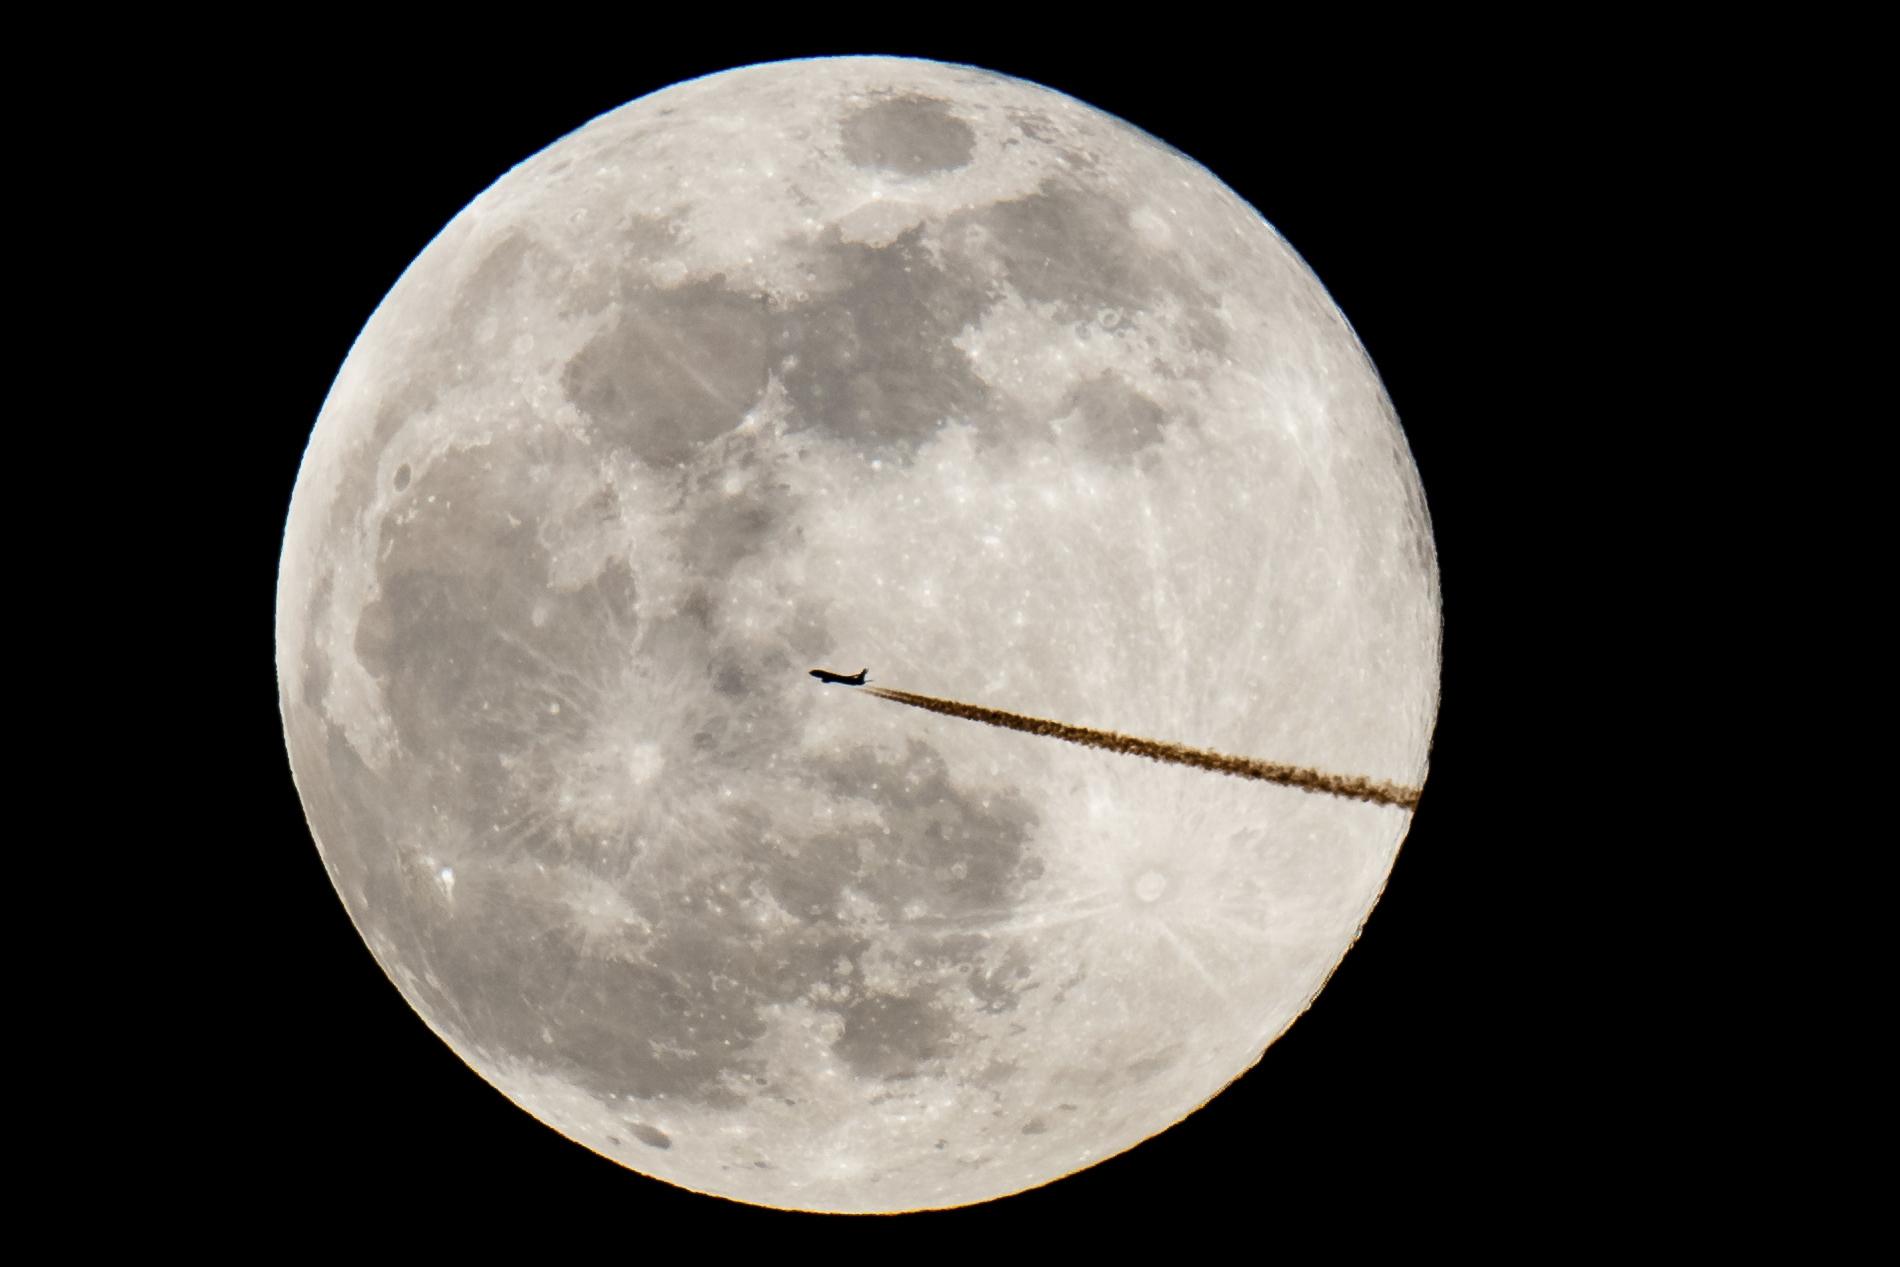 FOTO Luna de nieve vista en Nuremberg, Alemania; científicos revelan que la Luna orbita adentro de la atmósfera terrestre (AP alemania 19 febrero 2019)